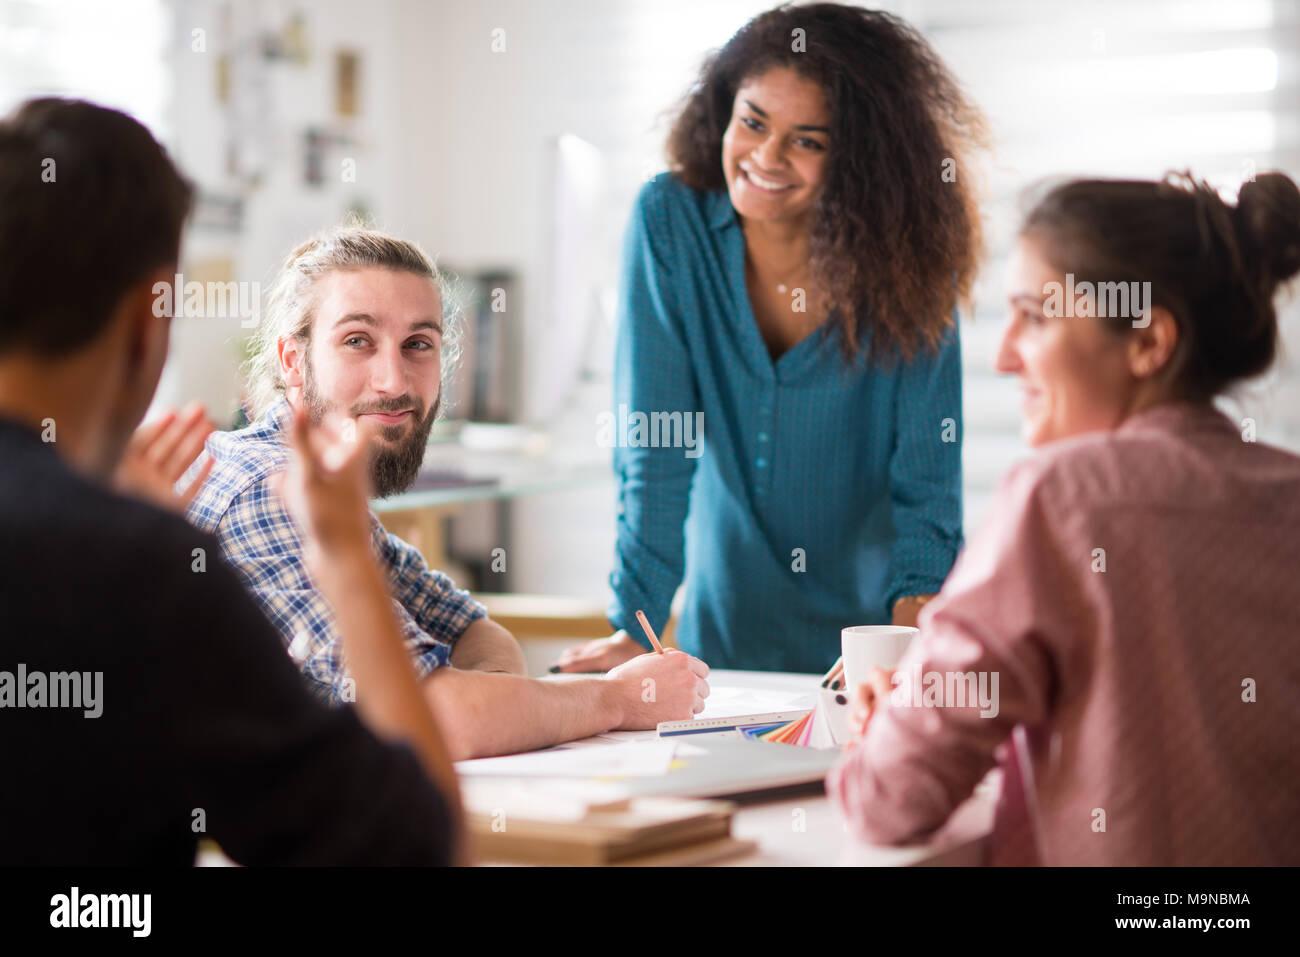 Reunión en la oficina. Una mujer negra de hablar con sus compañeros Foto de stock